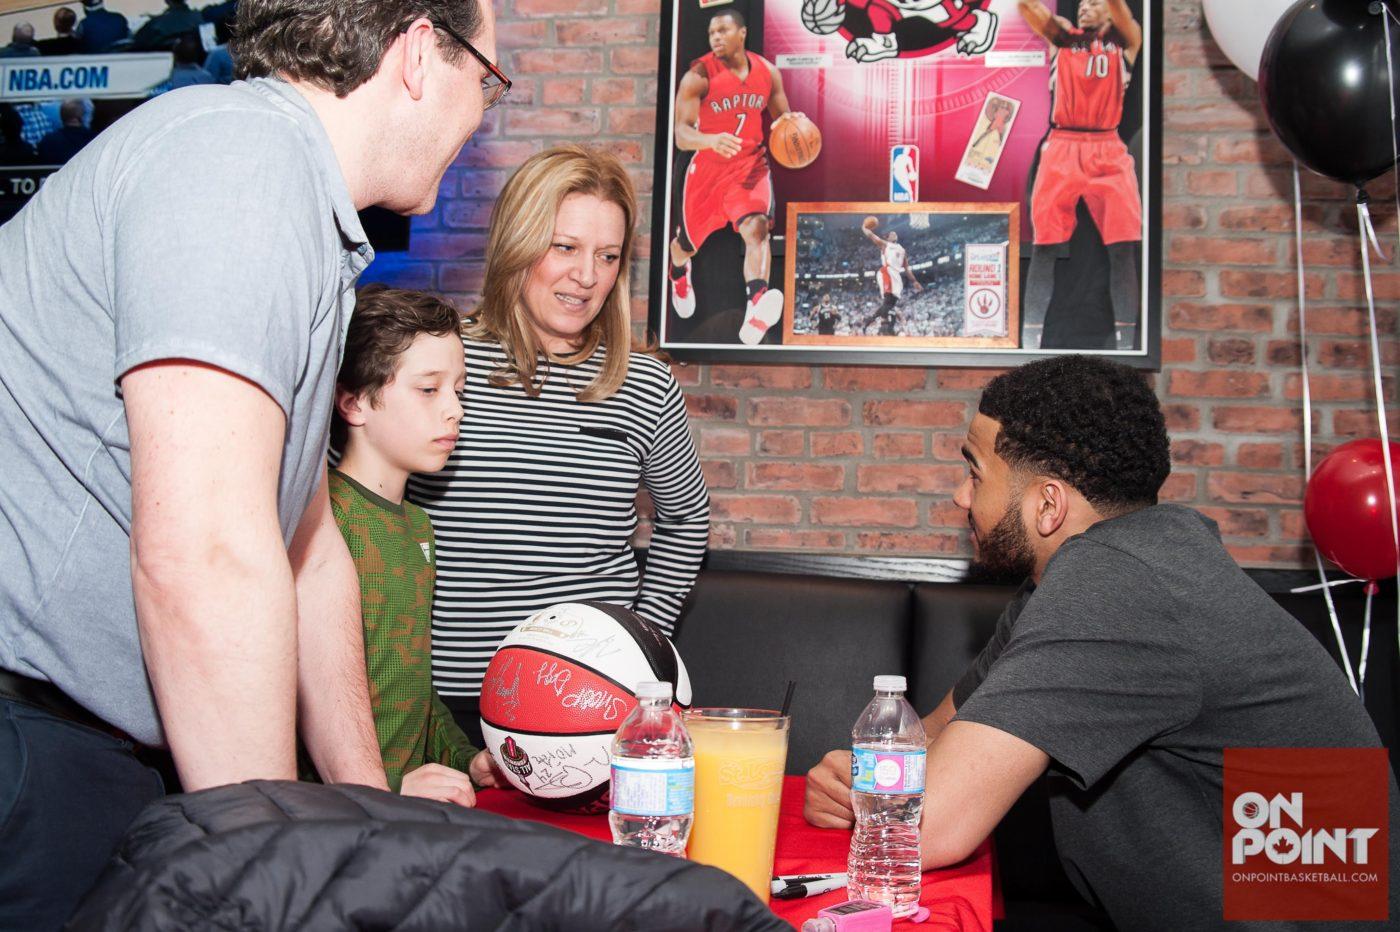 Toronto Raptors playoffs dynamo Cory Joseph visits St. Louis Bar & Grill